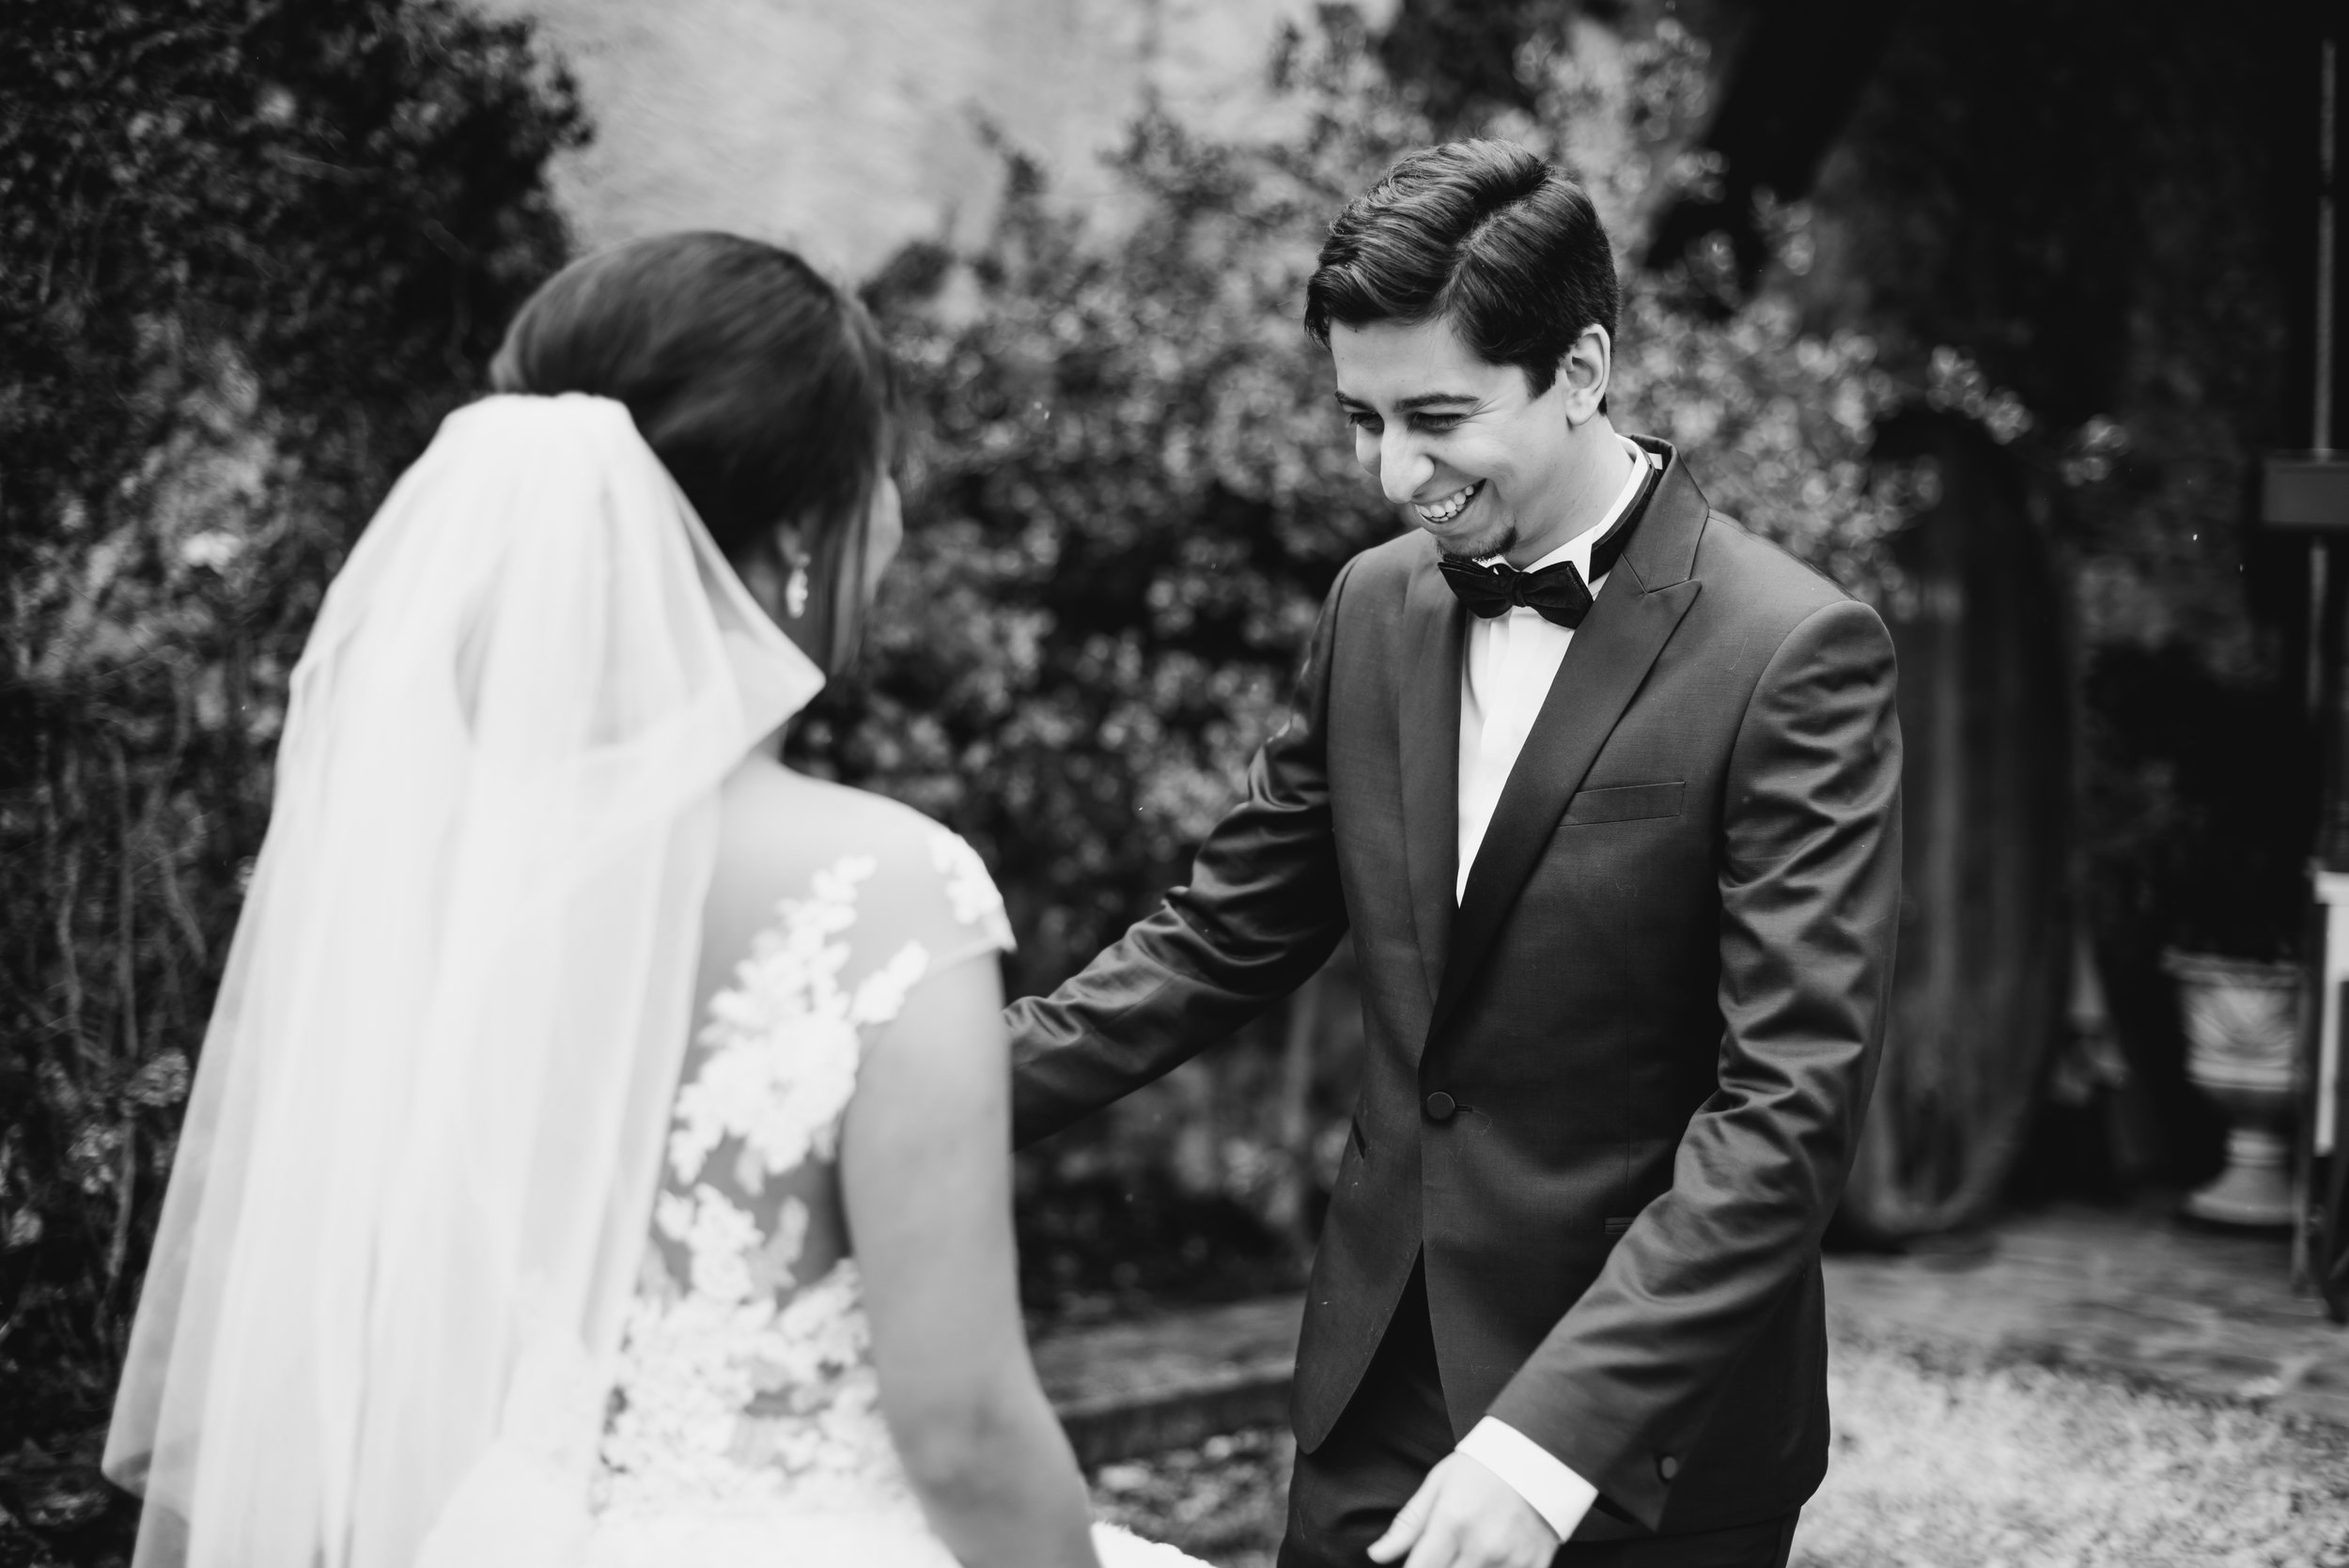 Léa-Fery-photographe-professionnel-lyon-rhone-alpes-portrait-creation-mariage-evenement-evenementiel-famille-6942.jpg